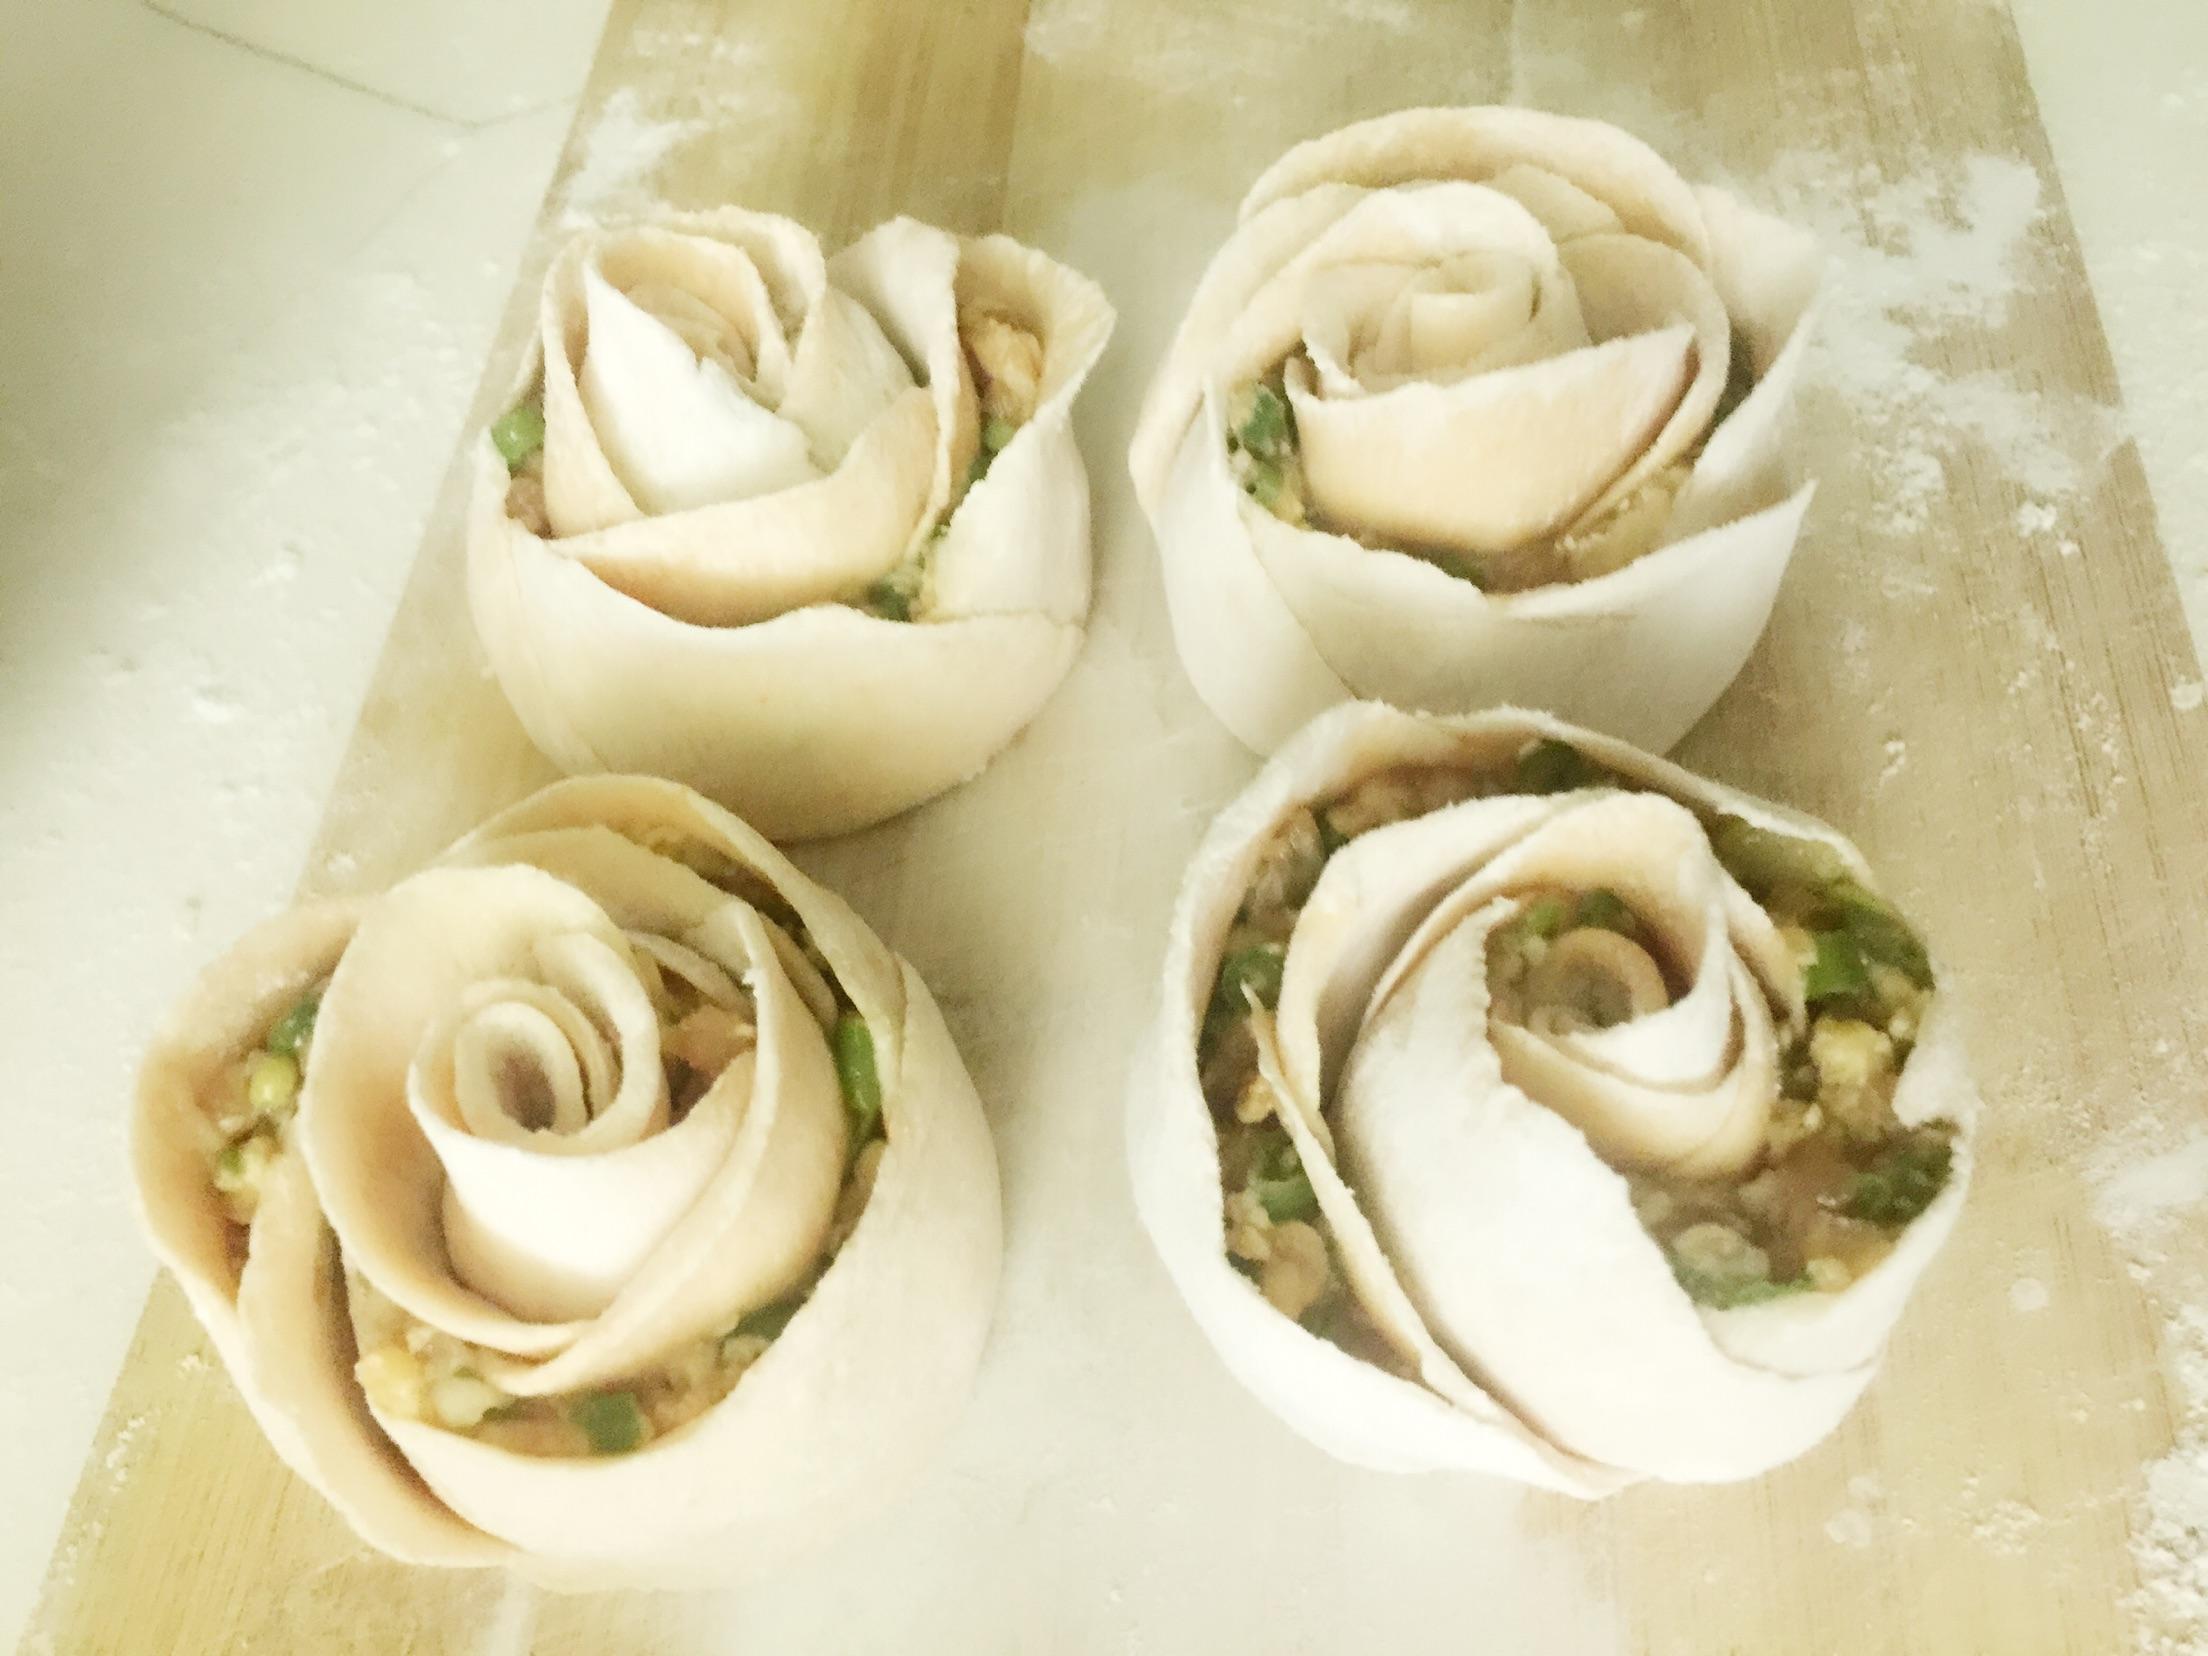 玫瑰饺子的做法_【图解】玫瑰饺子怎么做如何做好吃